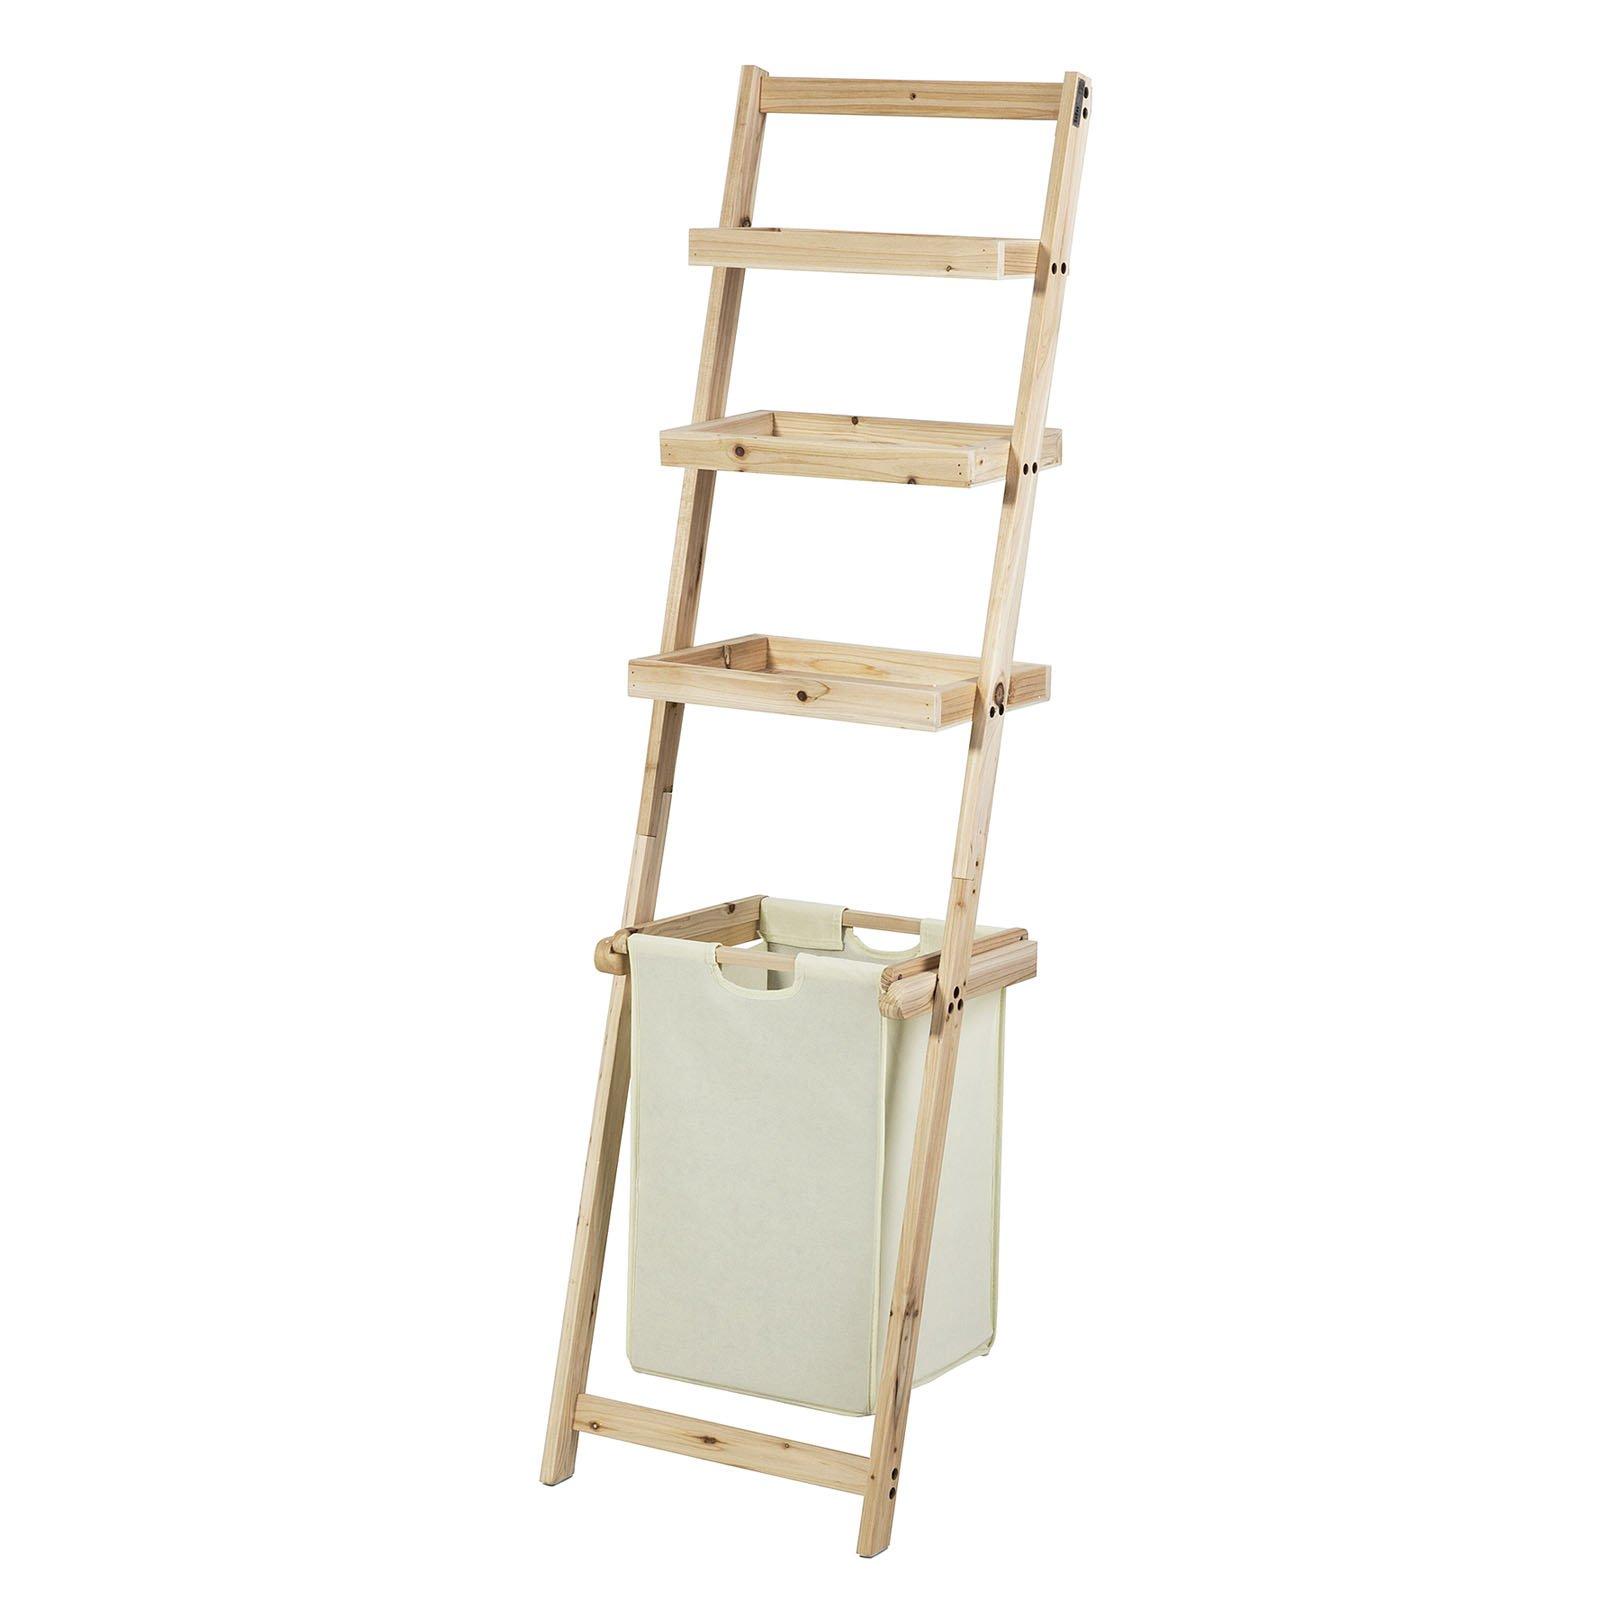 SoBuy® FRG160-N - Estantería de pared estilo escalera para el baño con 1 cesto extraíble y 3 estantes de almacenamiento: Amazon.es: Hogar